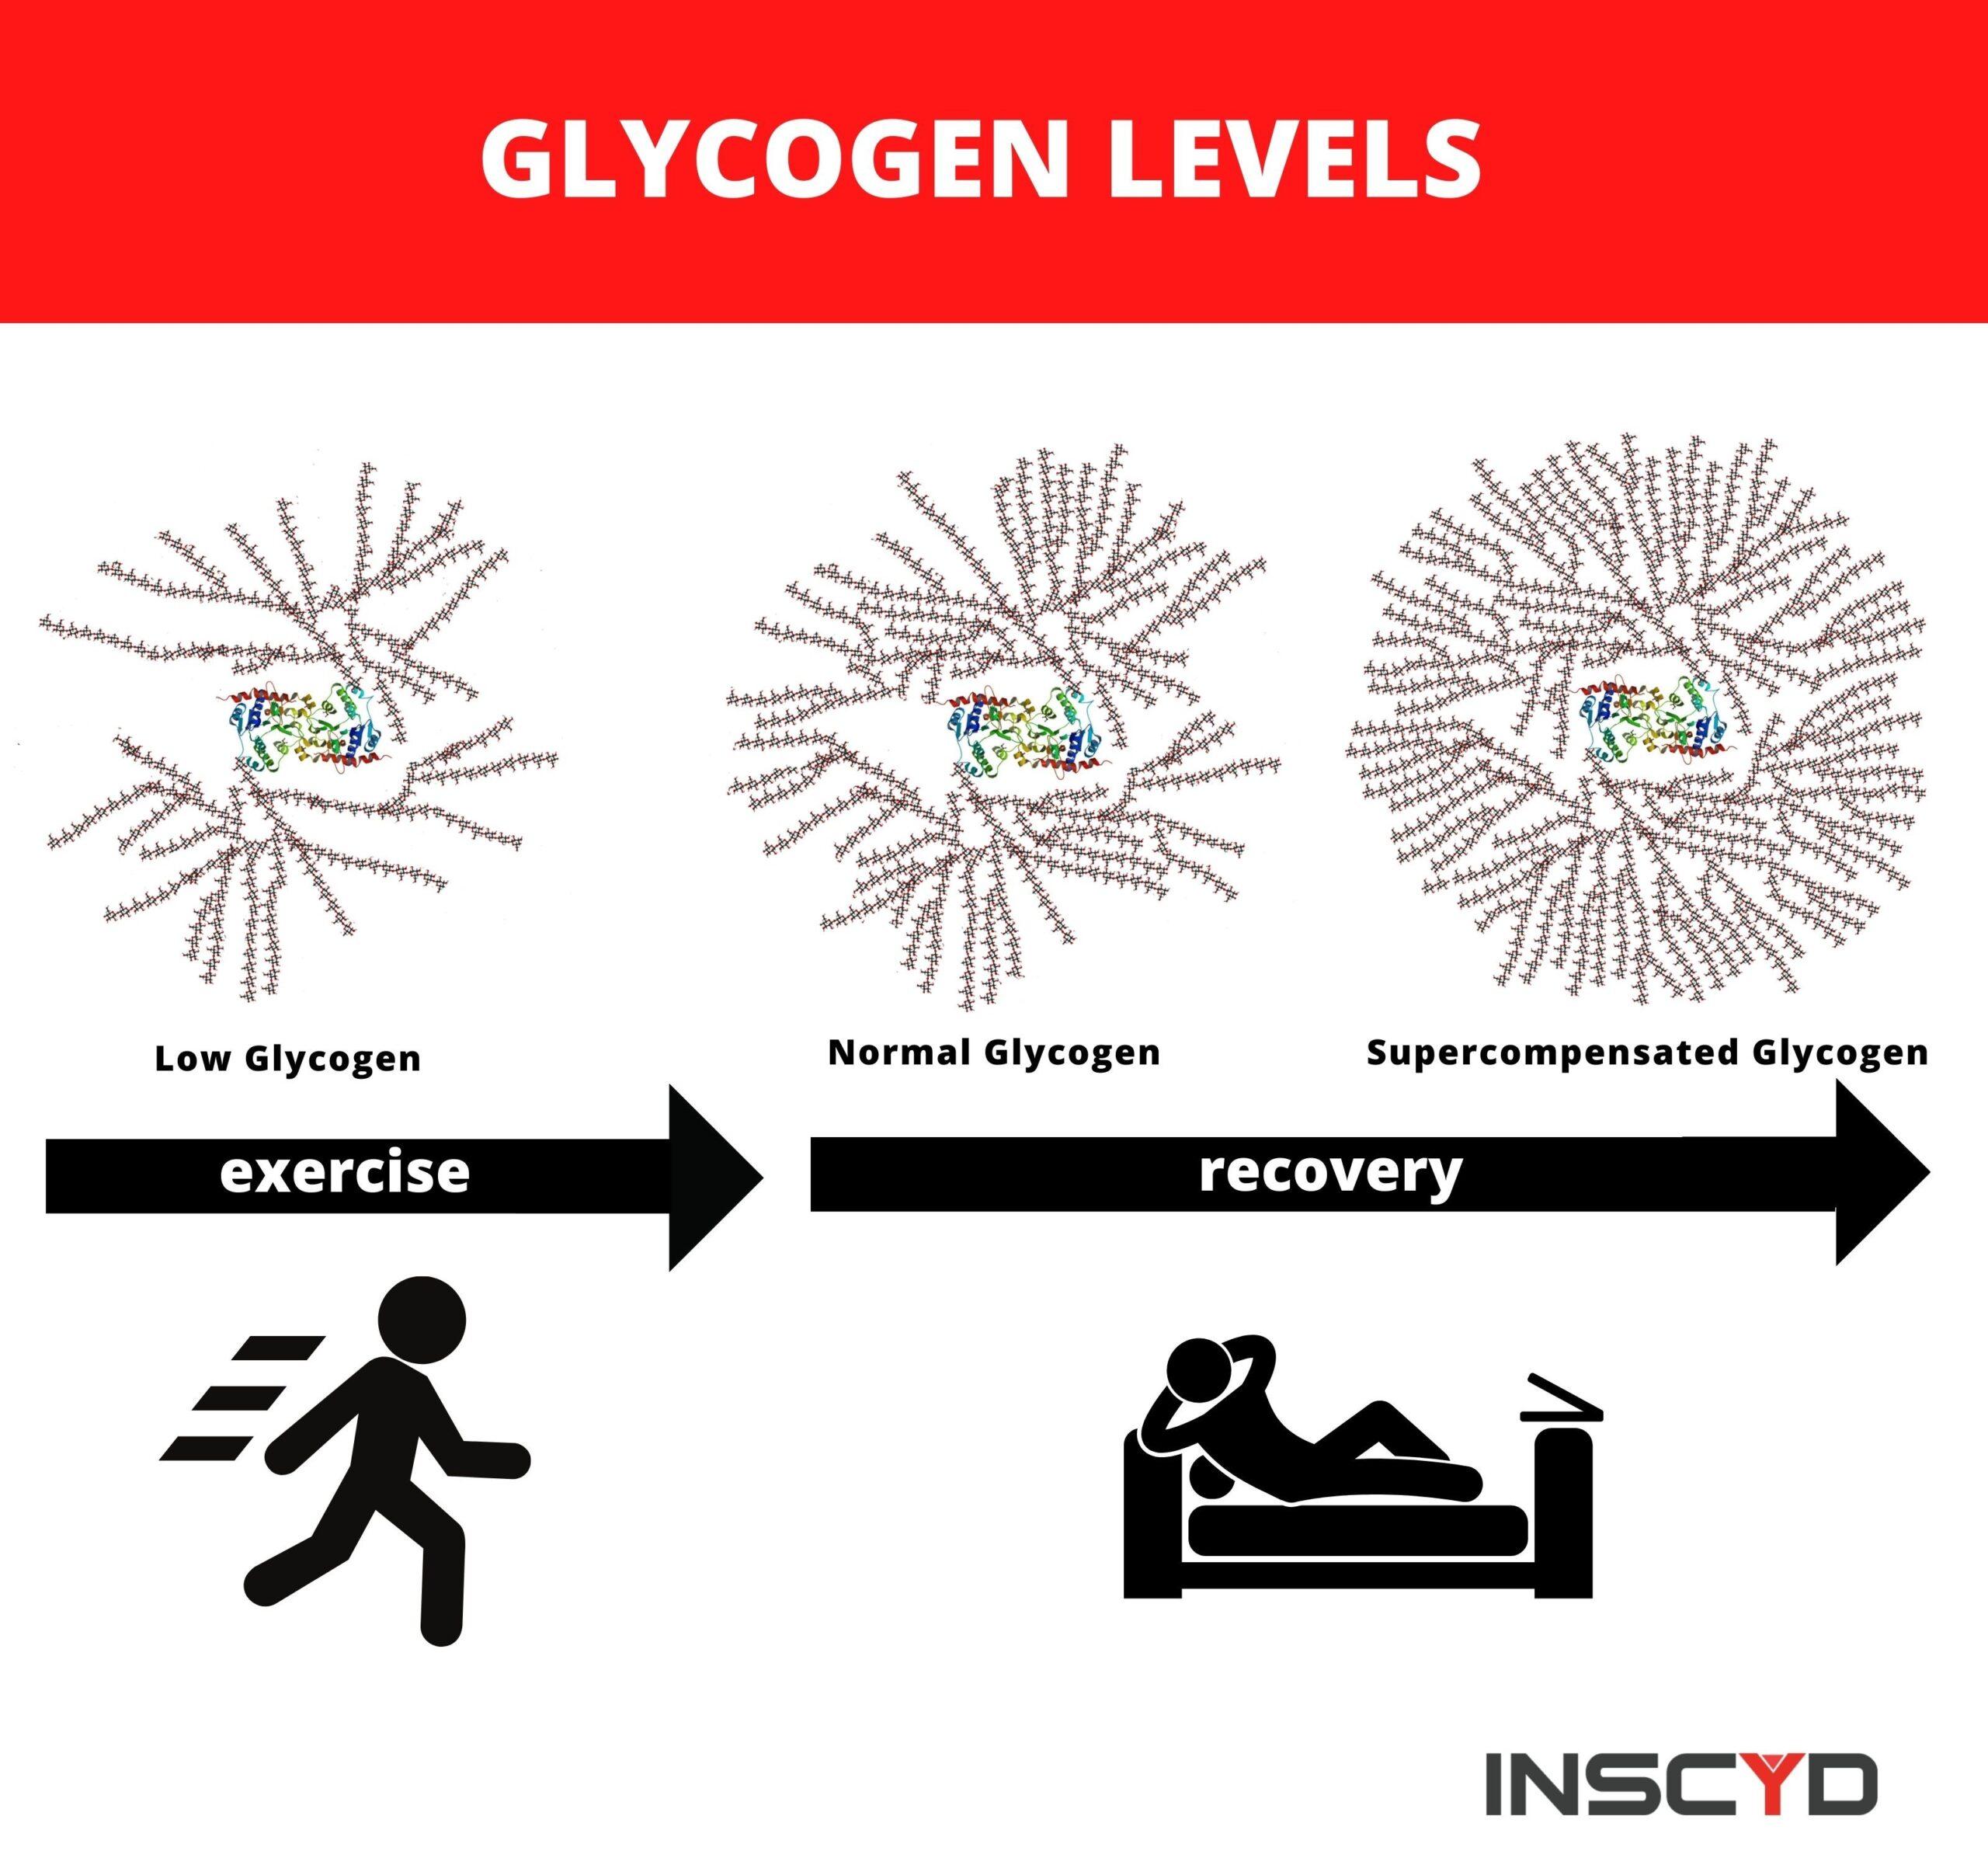 Exercise muscle glycogen content